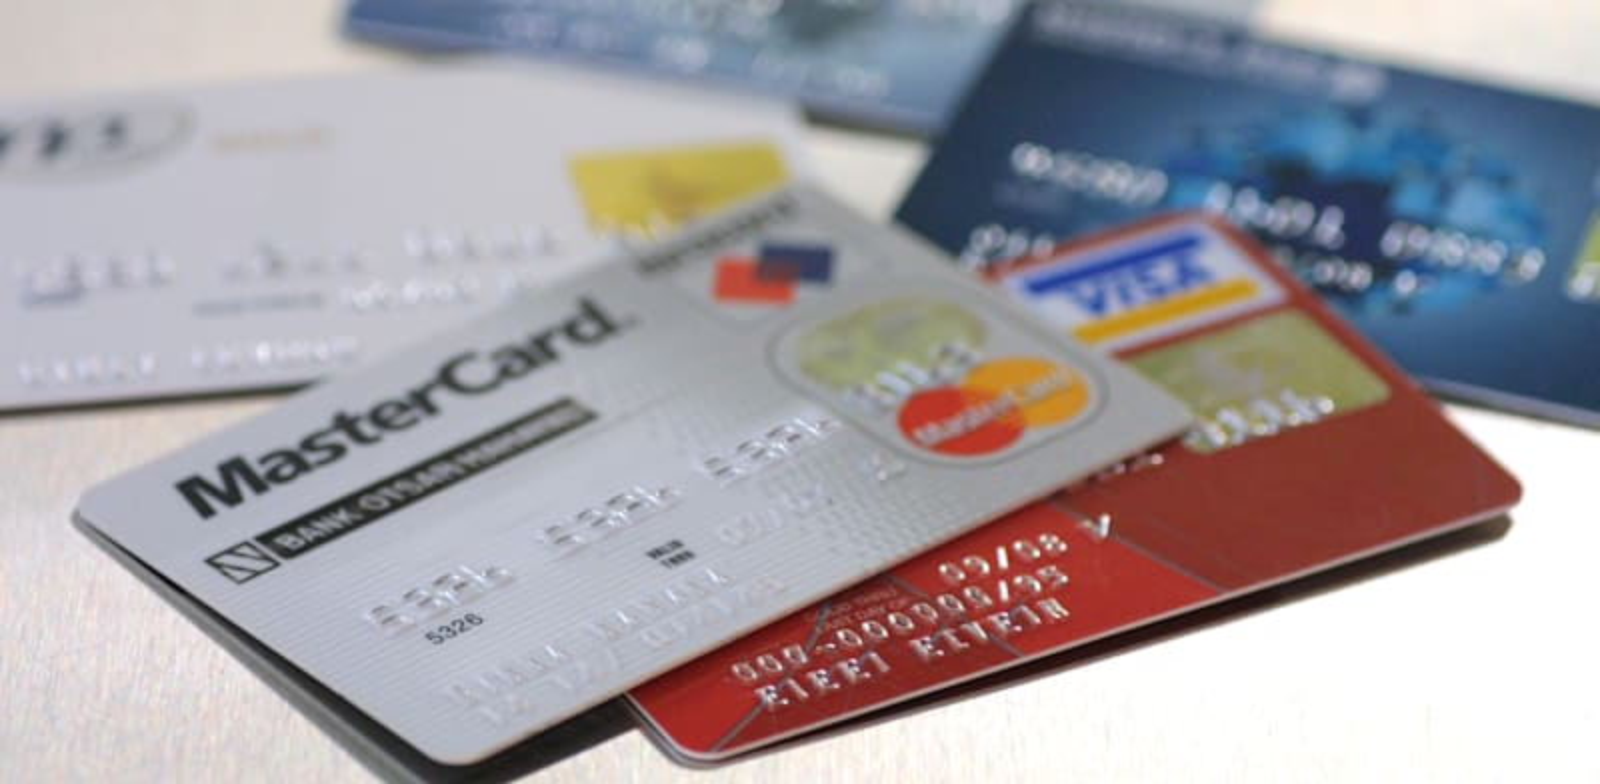 כרטיסי אשראי / צילום: עינת לברון